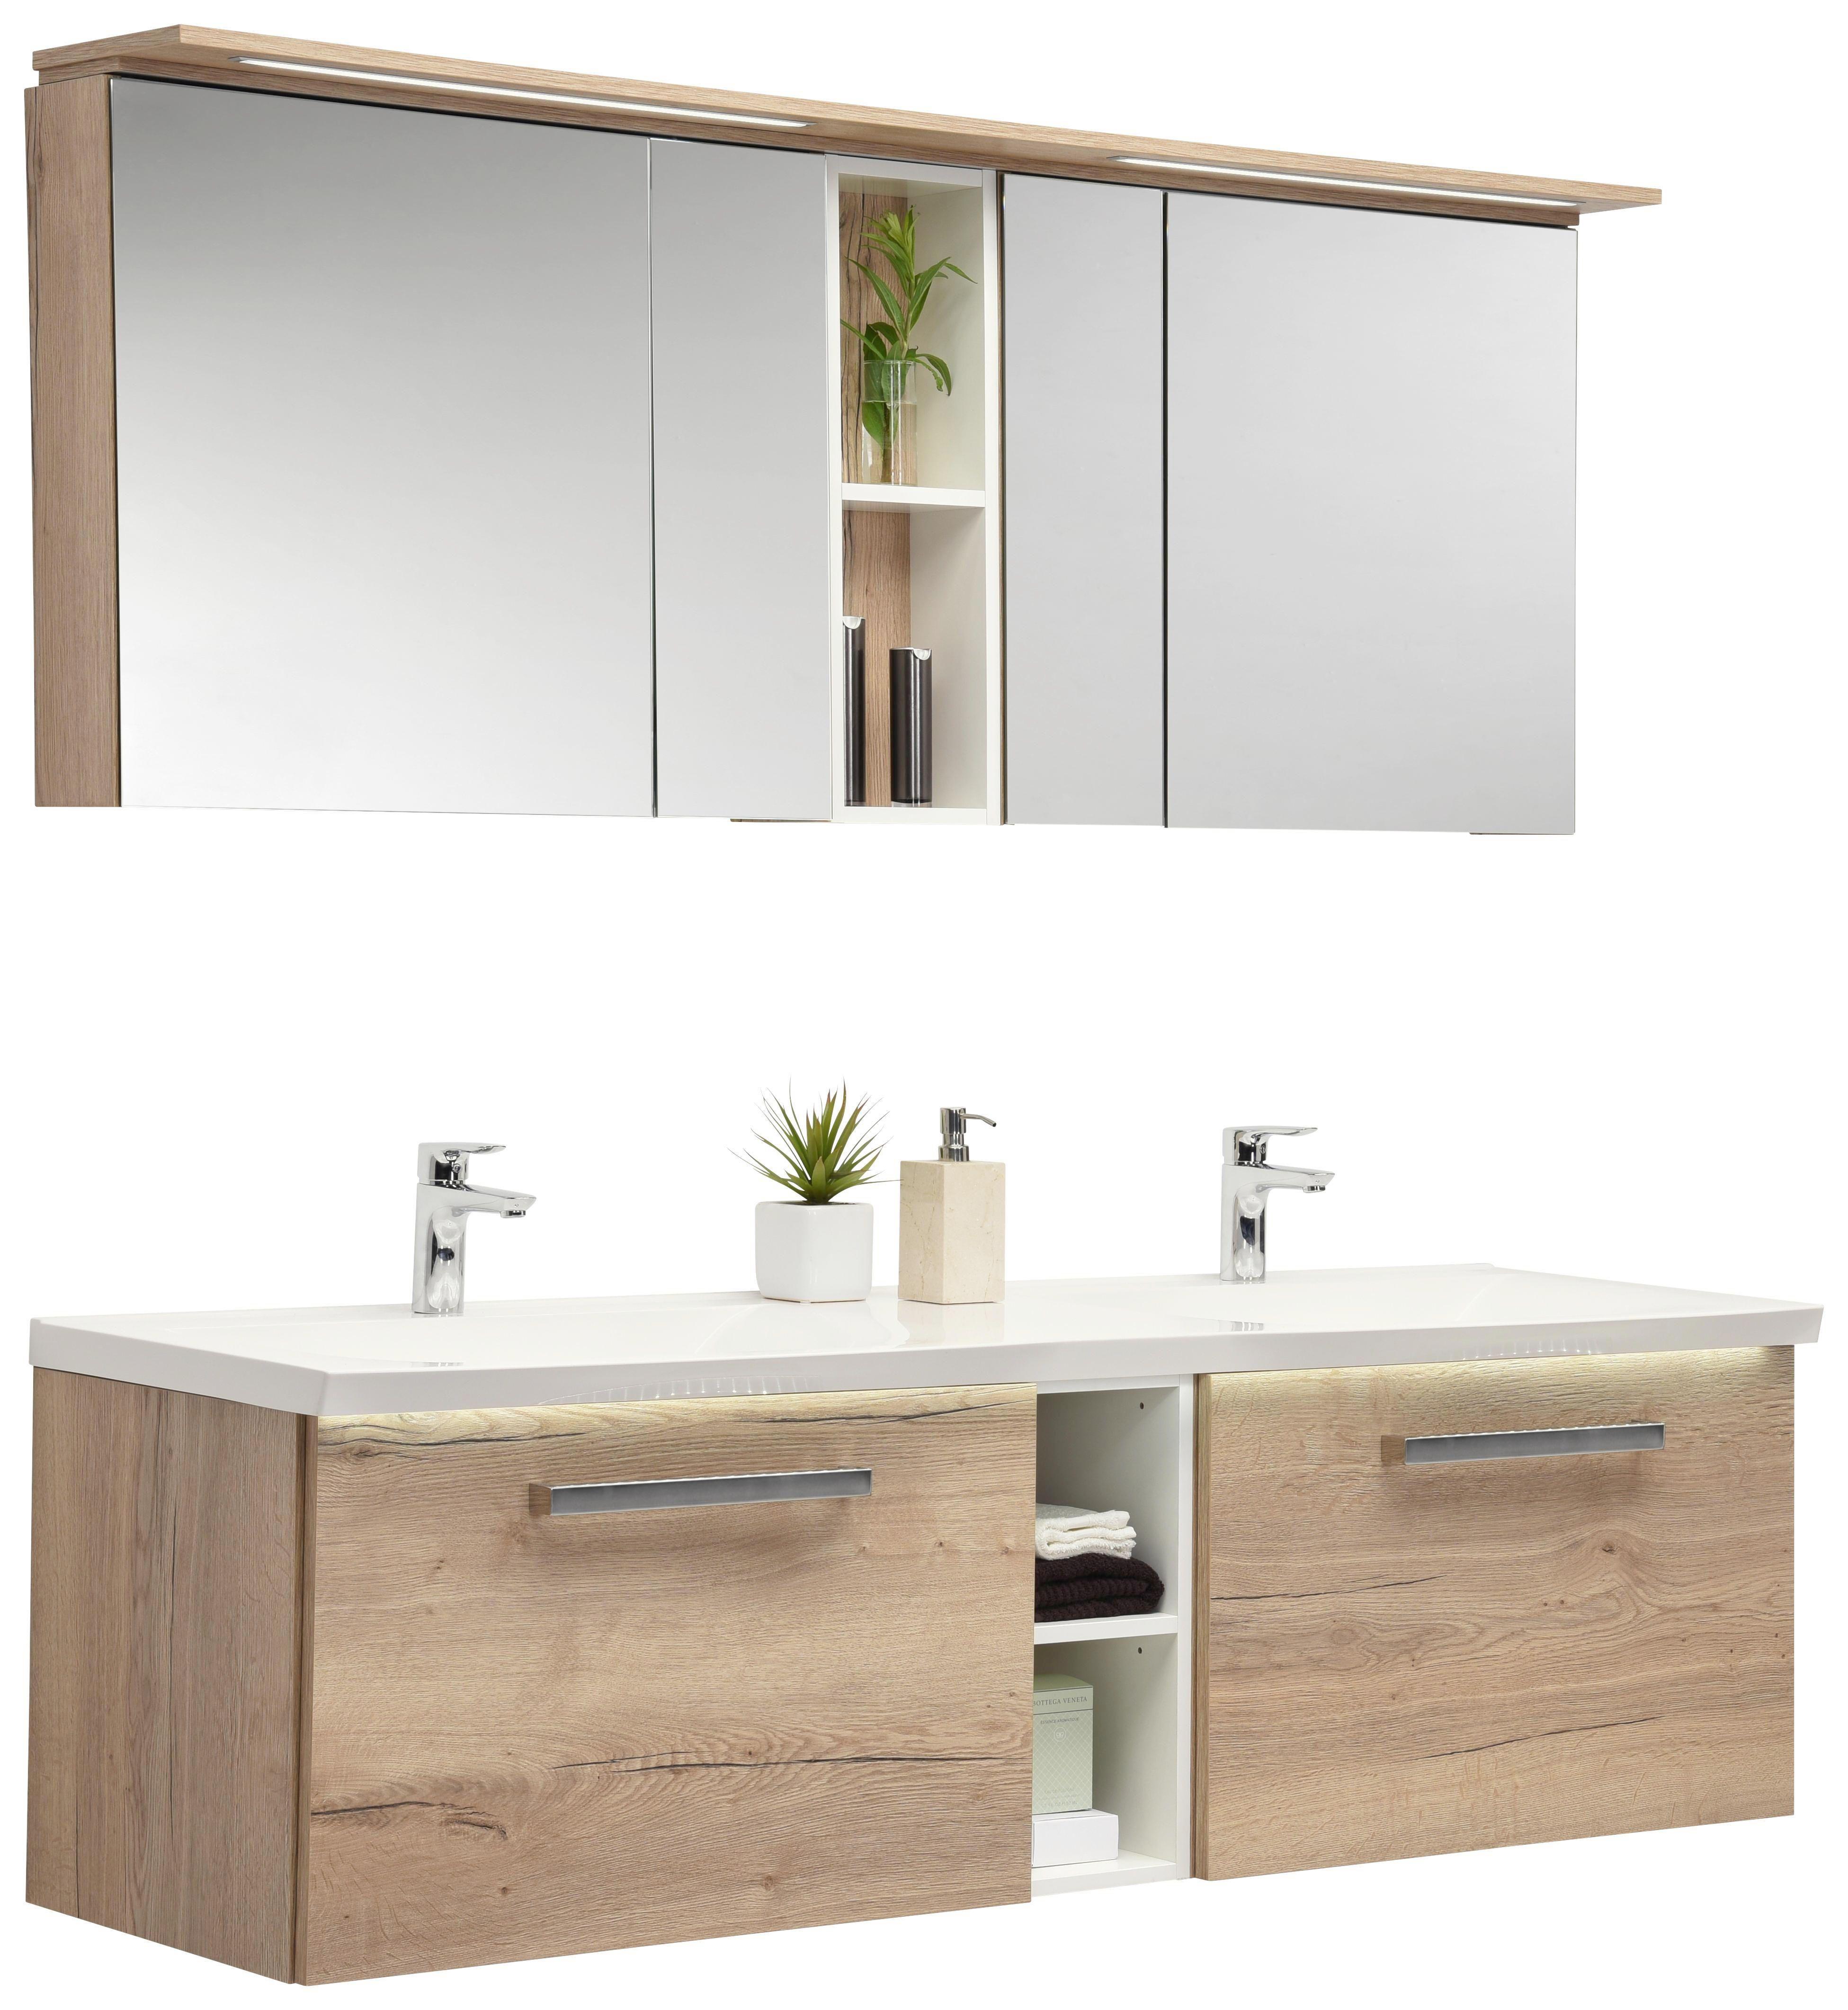 Badezimmer Badezimmer Spiegelschrank Und Doppelwaschtisch